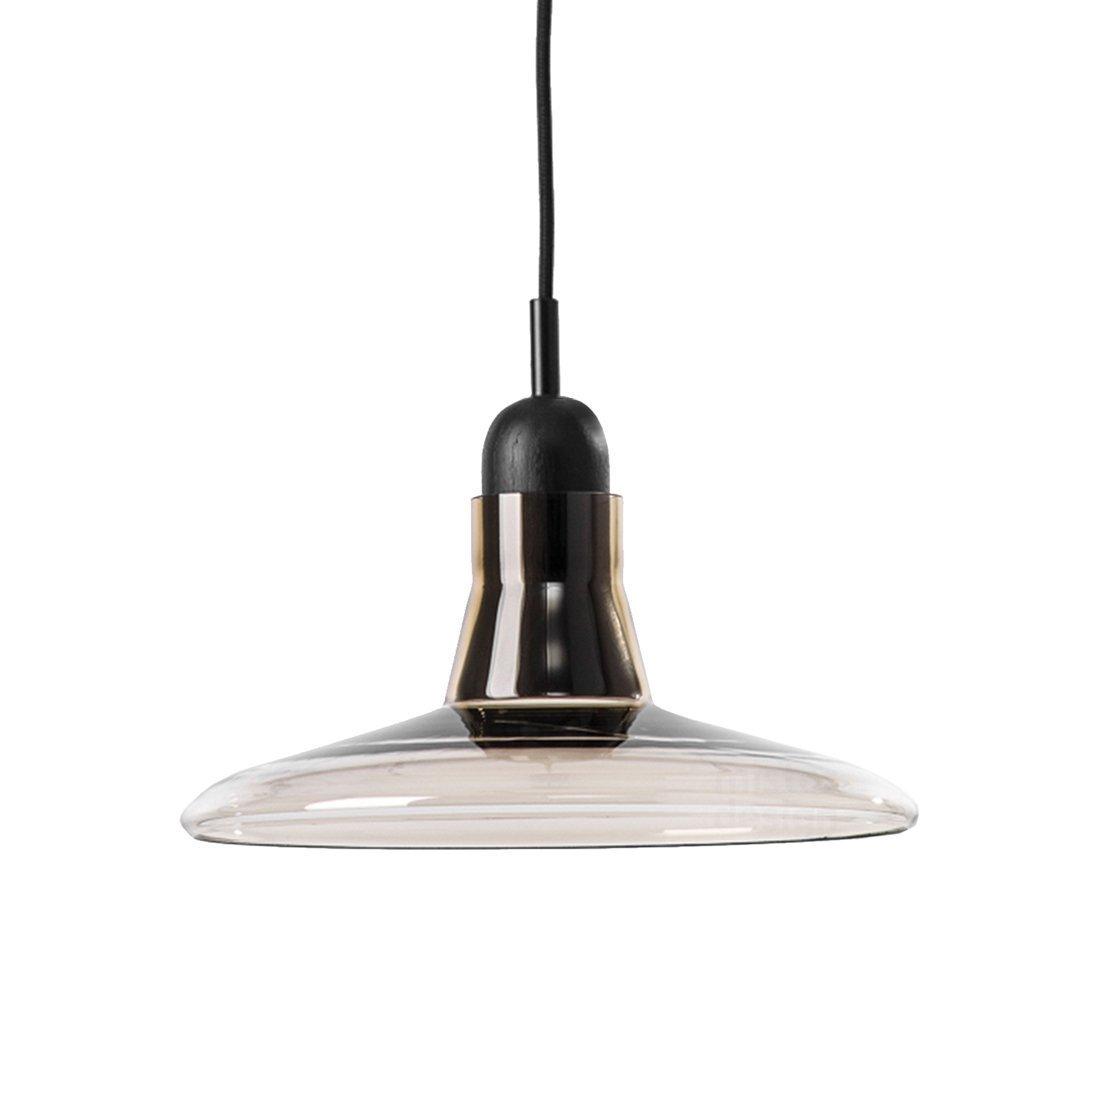 Brokis Shadow Flat Hanglamp - Zwart Eiken Glossy Smoke Brown